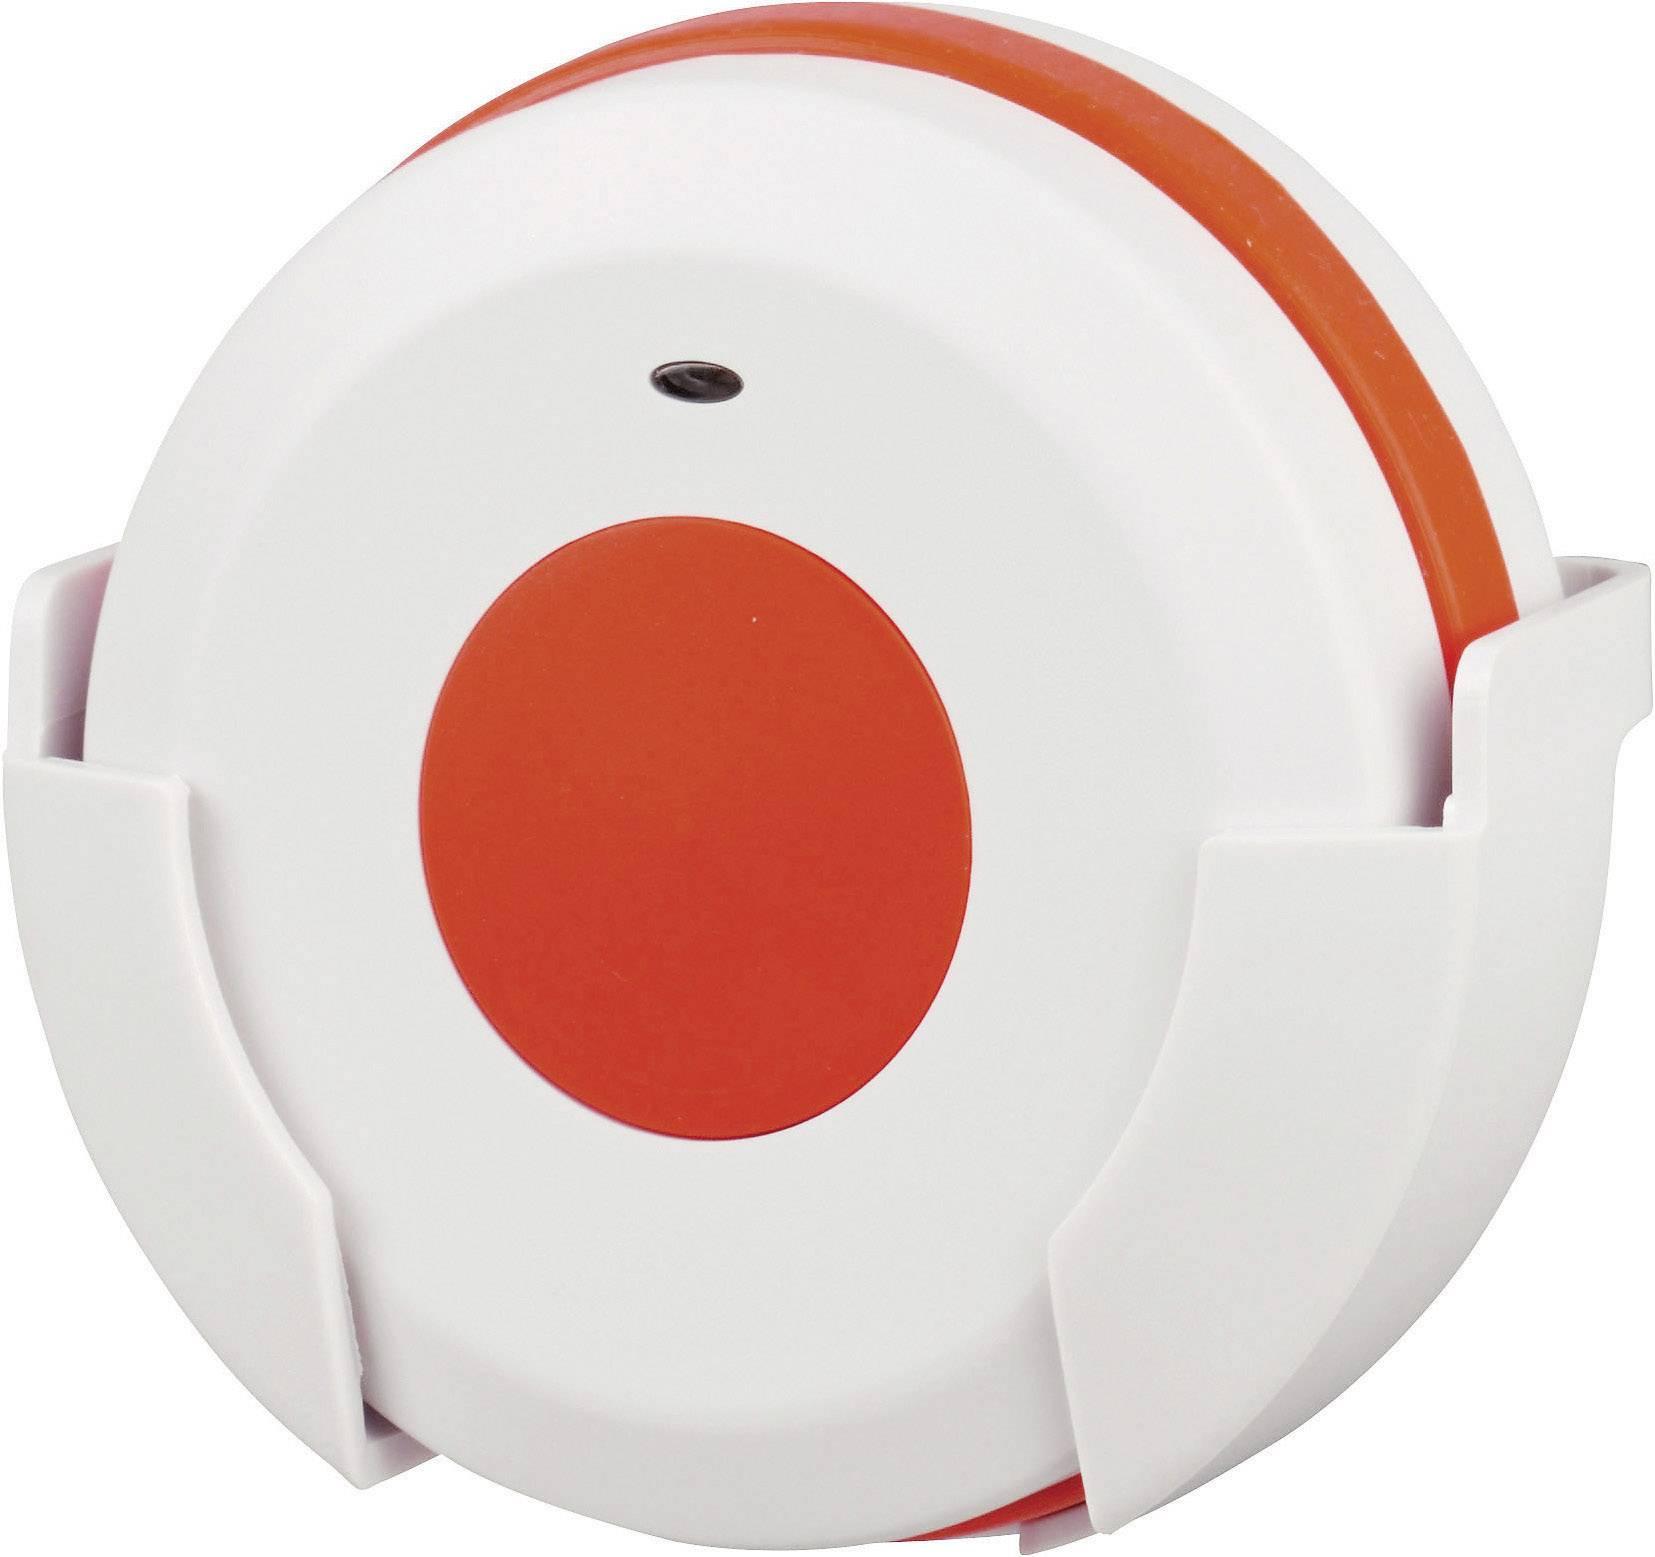 Bezdrôtový zvonček Heidemann HX Maxi 70371, vysielač, max. dosah 100 m, biela, červená